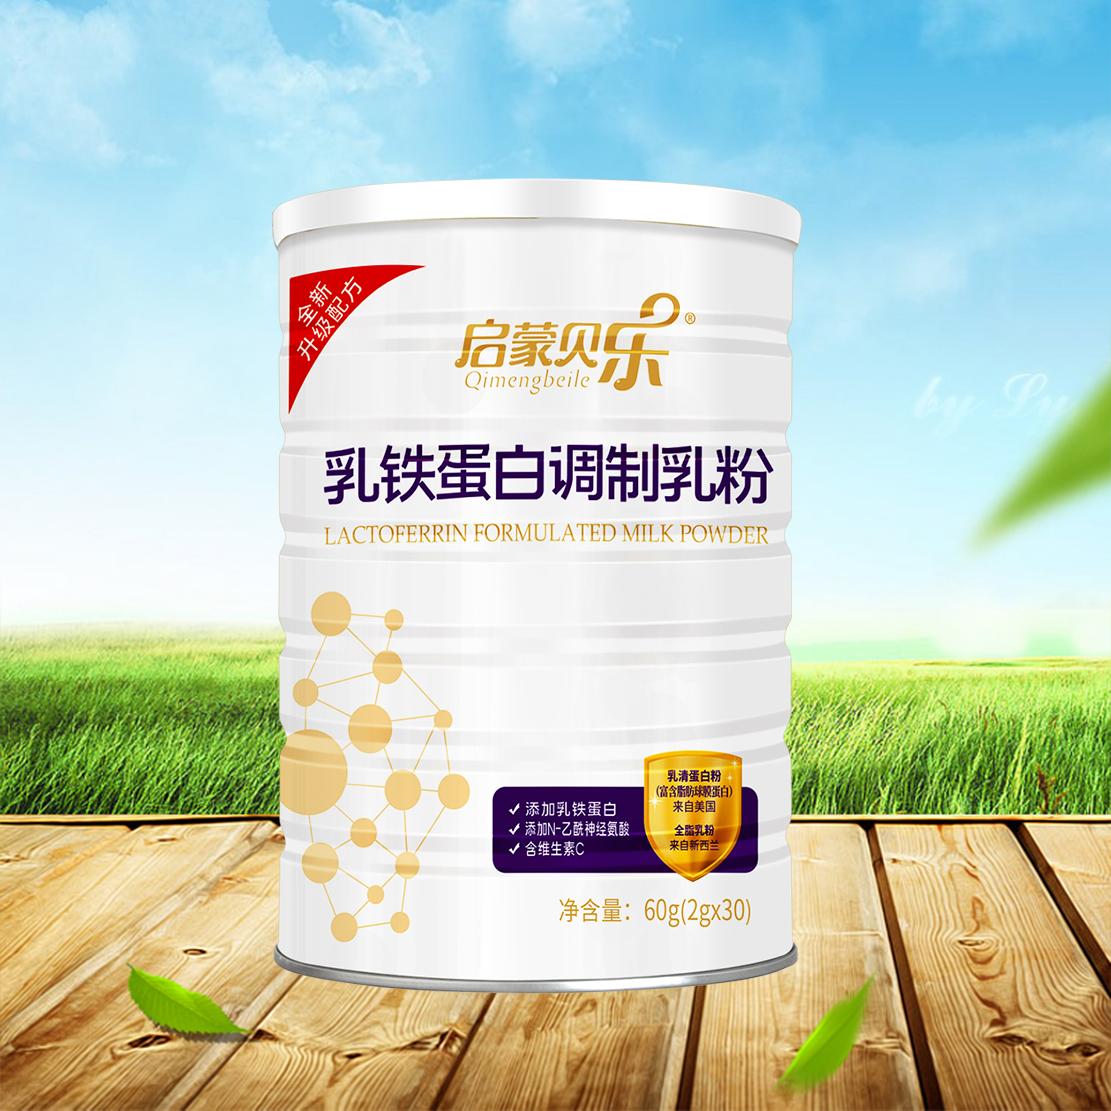 乳铁蛋白调制乳粉(包装升级)